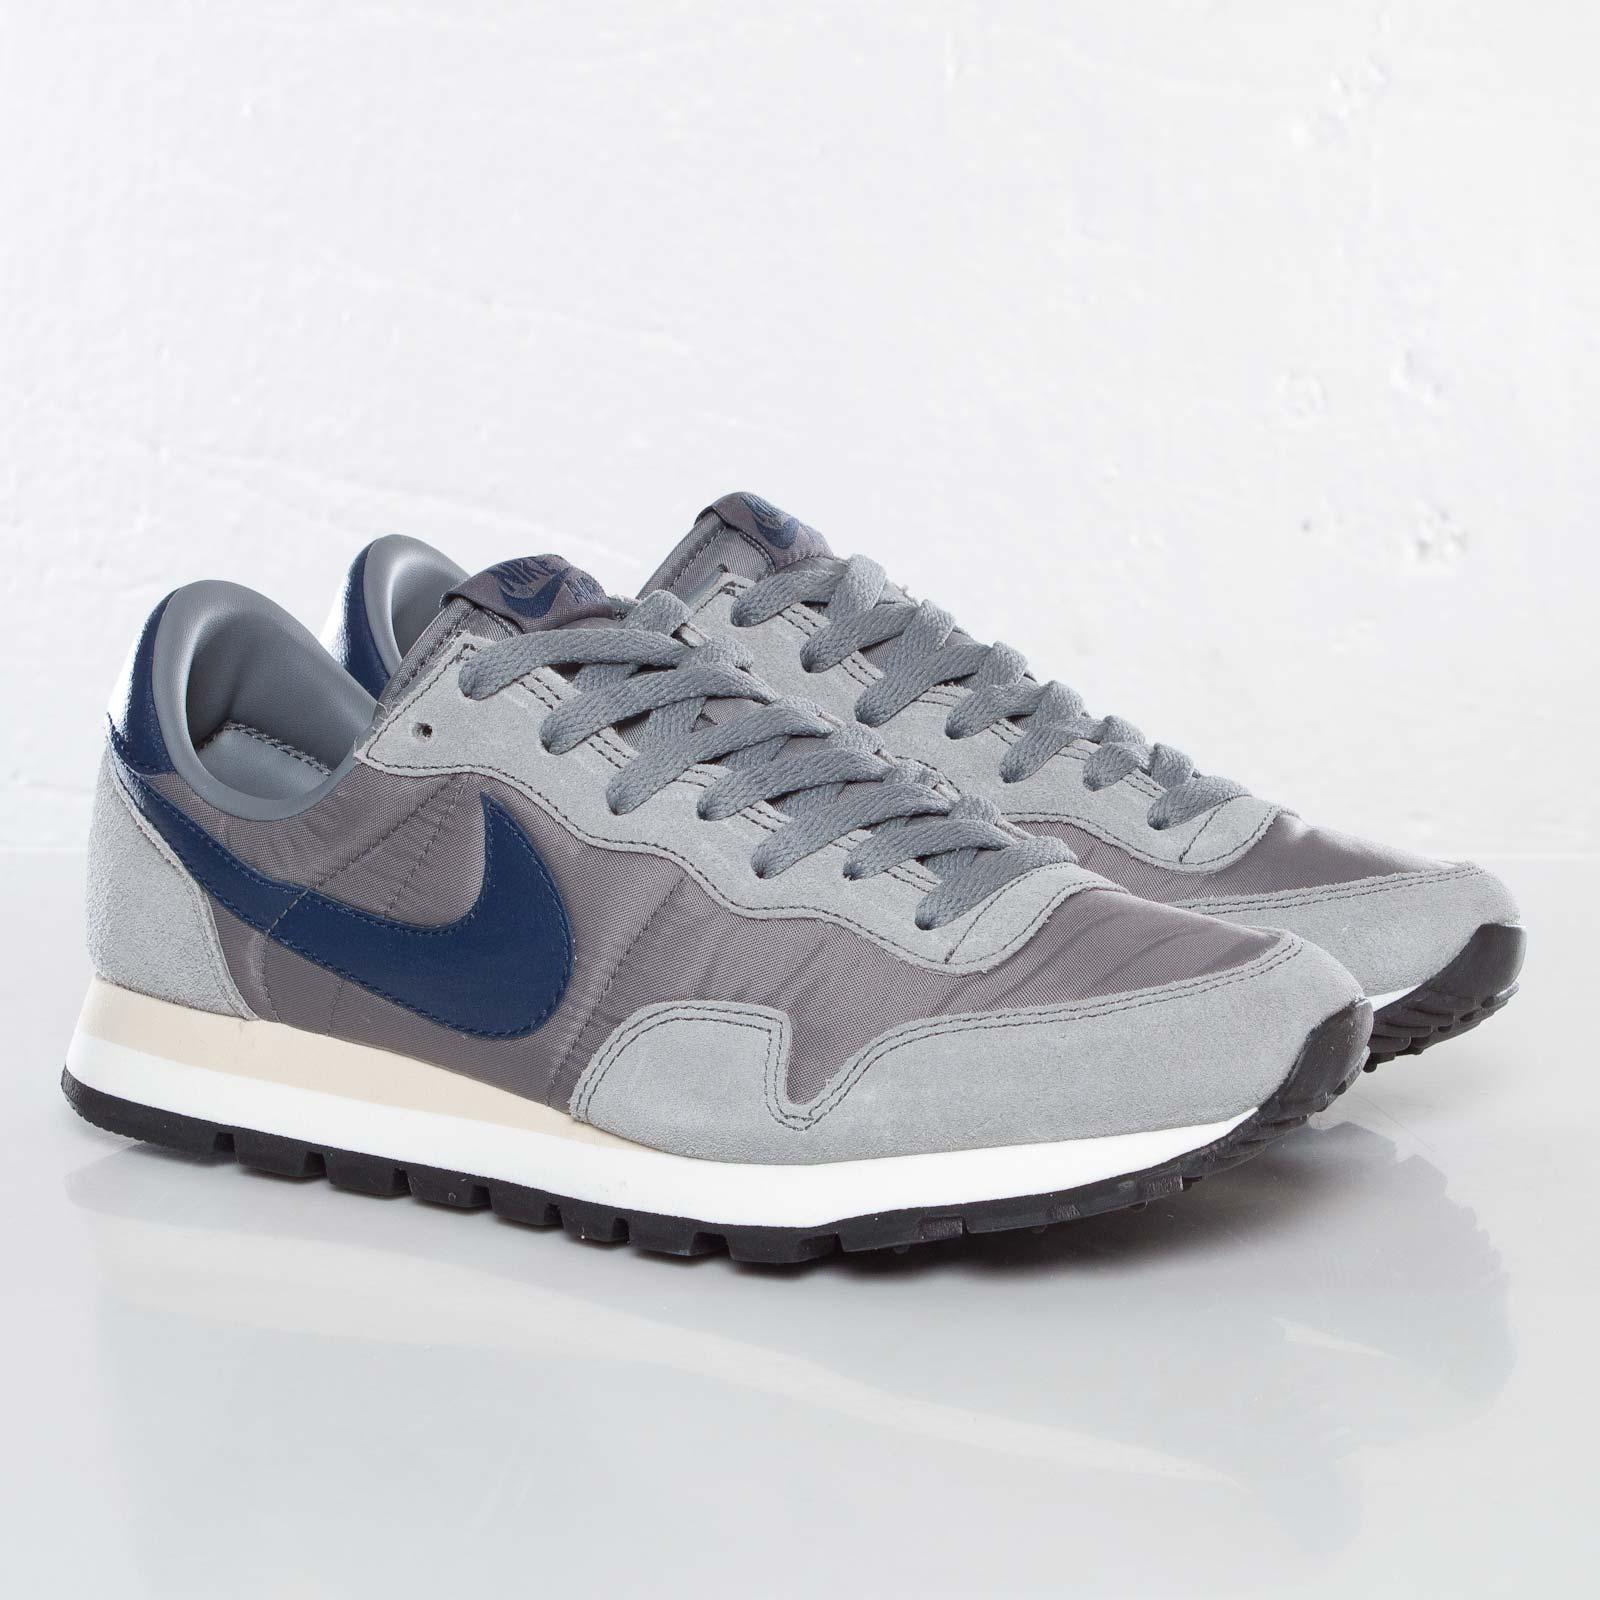 Nike Air Pegasus 83 Chaussuress Qs 604838 001 Chaussuressnstuff Chaussuress 83 913e81